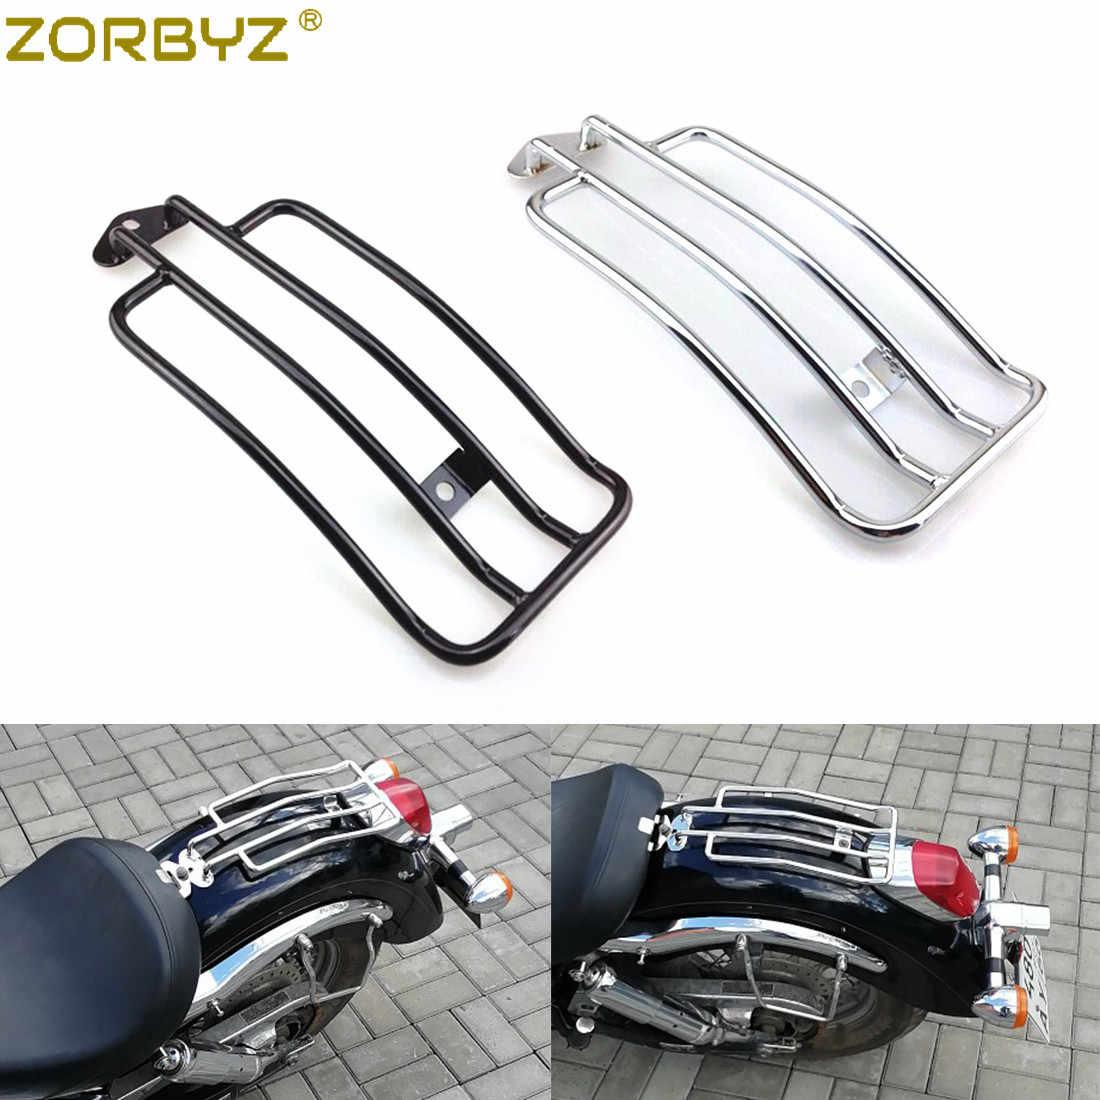 ZORBYZ Motorrad Schwarz/Chrom Hinten Solo Sitz Gepäck Rack Träger Für Honda Shadow Aero 750 2004